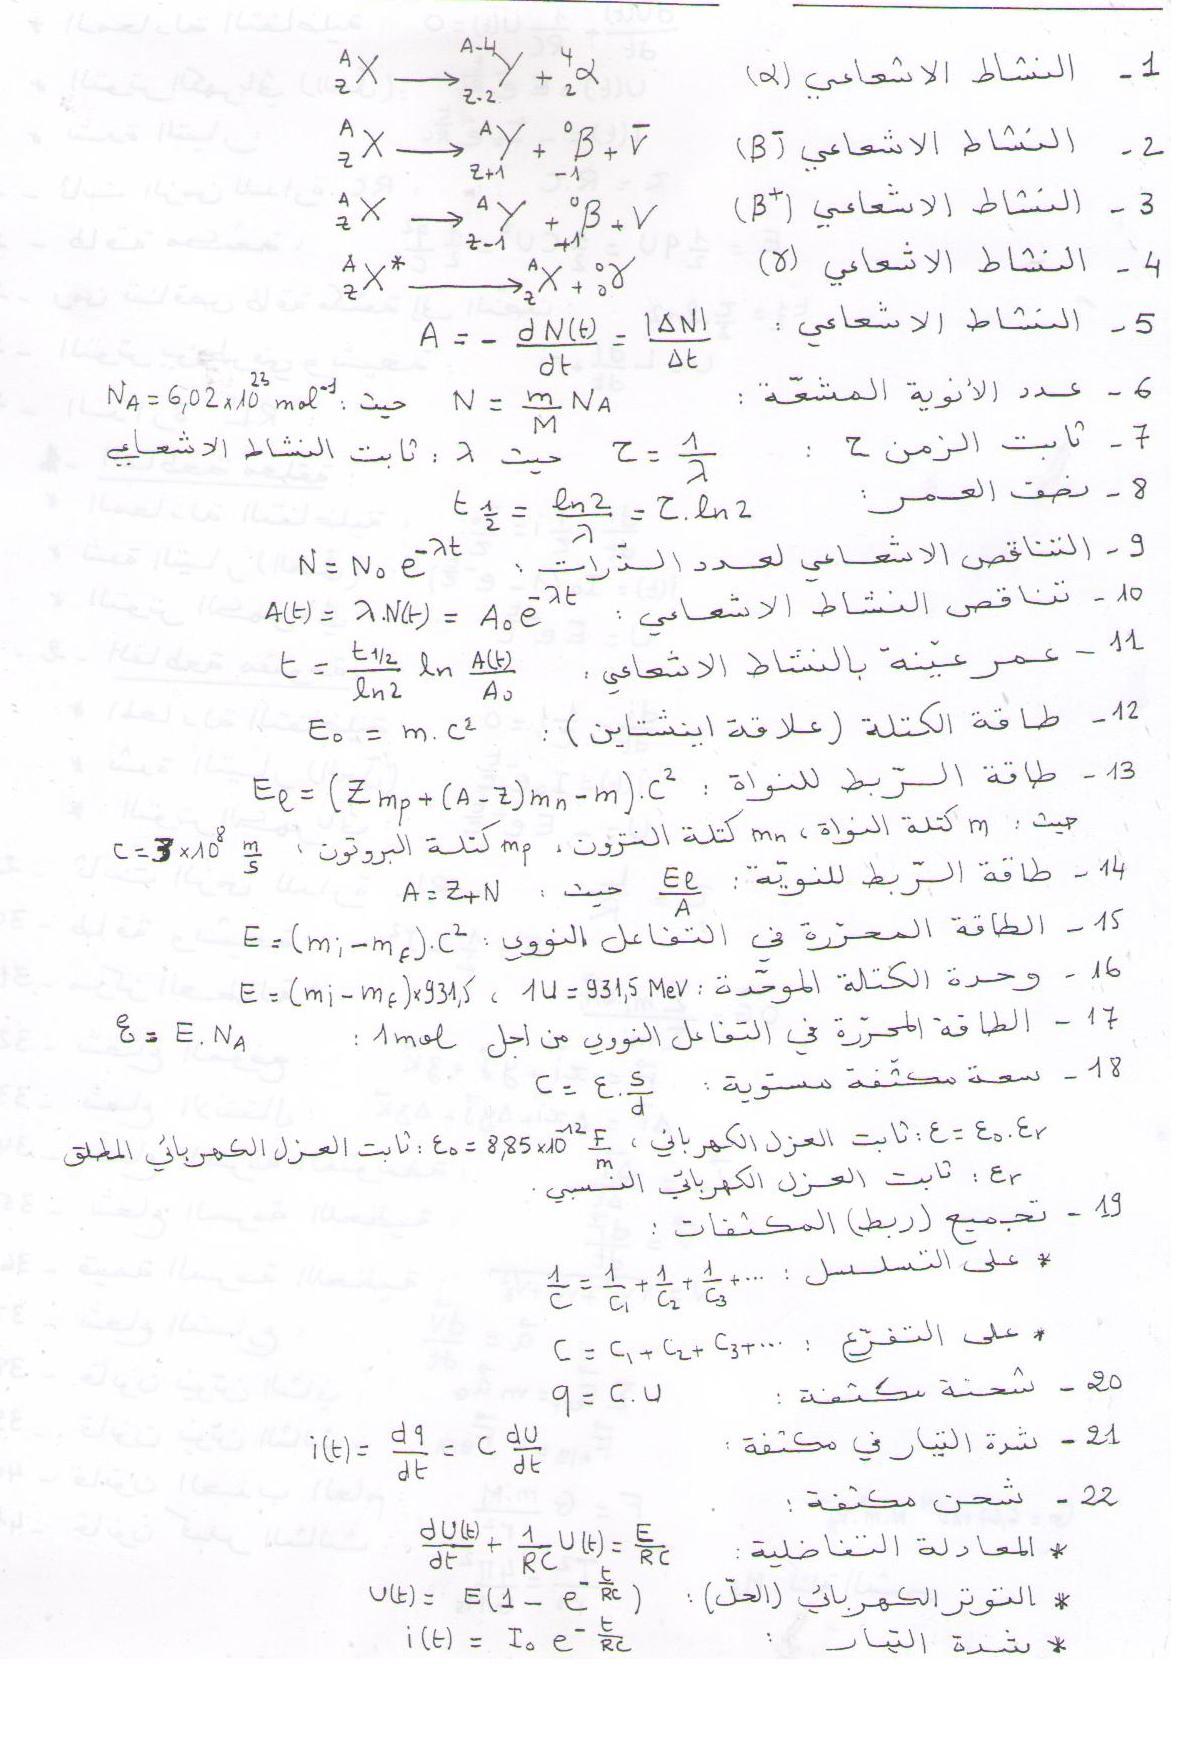 قوانين الفيزياء بشكل مبسط وجميل جدا على 3 مطبوعات Pictu109